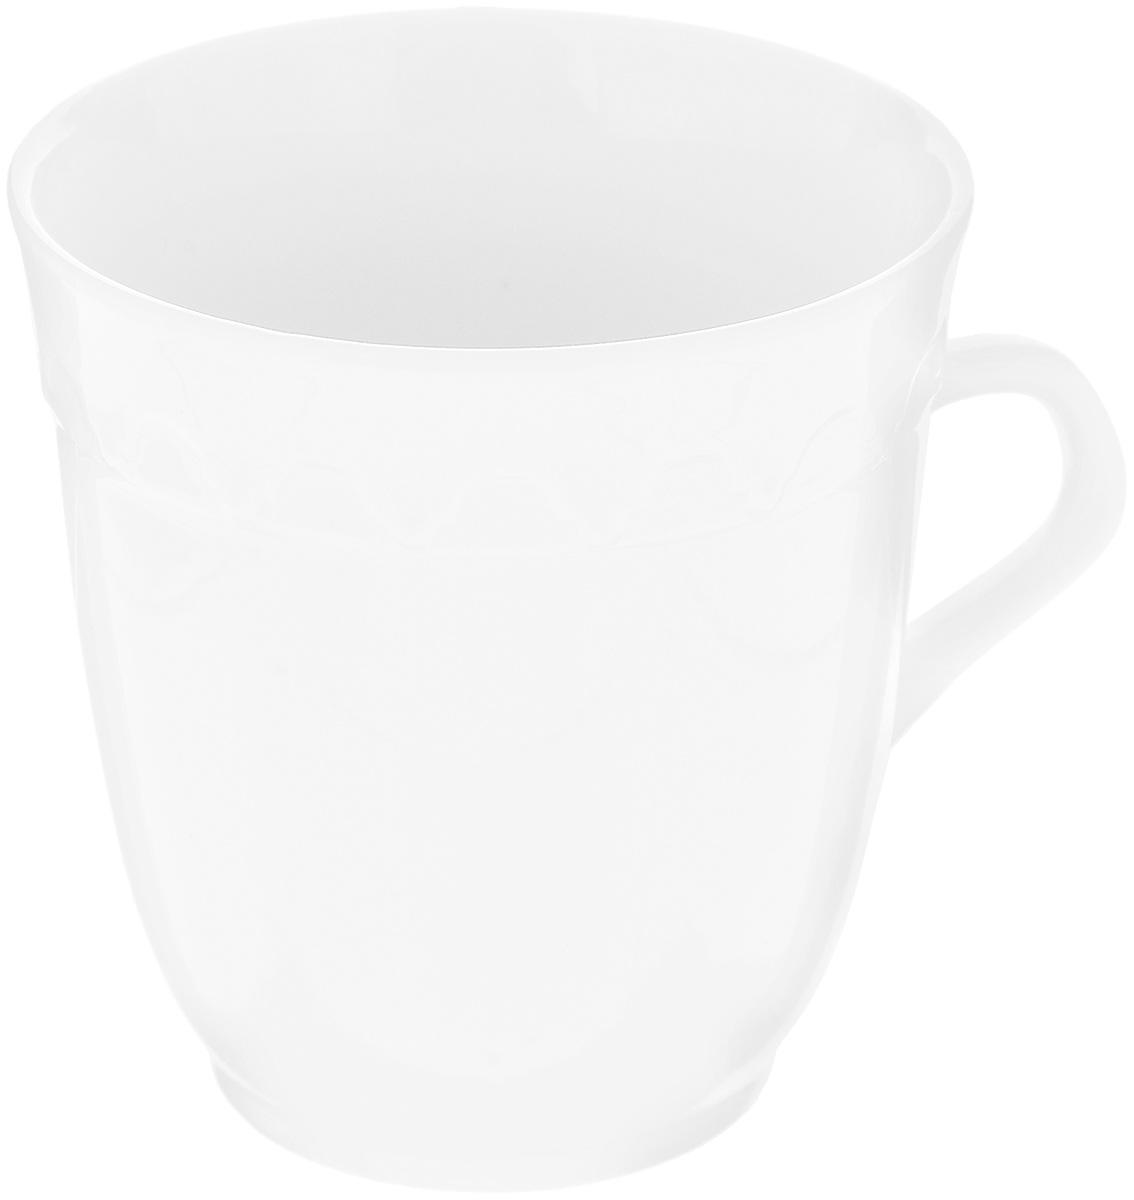 Кружка Фарфор Вербилок Арабеска, 250 мл. 3640000Б3640000БКружка Фарфор Вербилок Арабеска способна скрасить любое чаепитие. Изделие выполнено из высококачественного фарфора. Посуда из такого материала позволяет сохранить истинный вкус напитка, а также помогает ему дольше оставаться теплым.Диаметр по верхнему краю: 8,3 см.Высота кружки: 9 см.